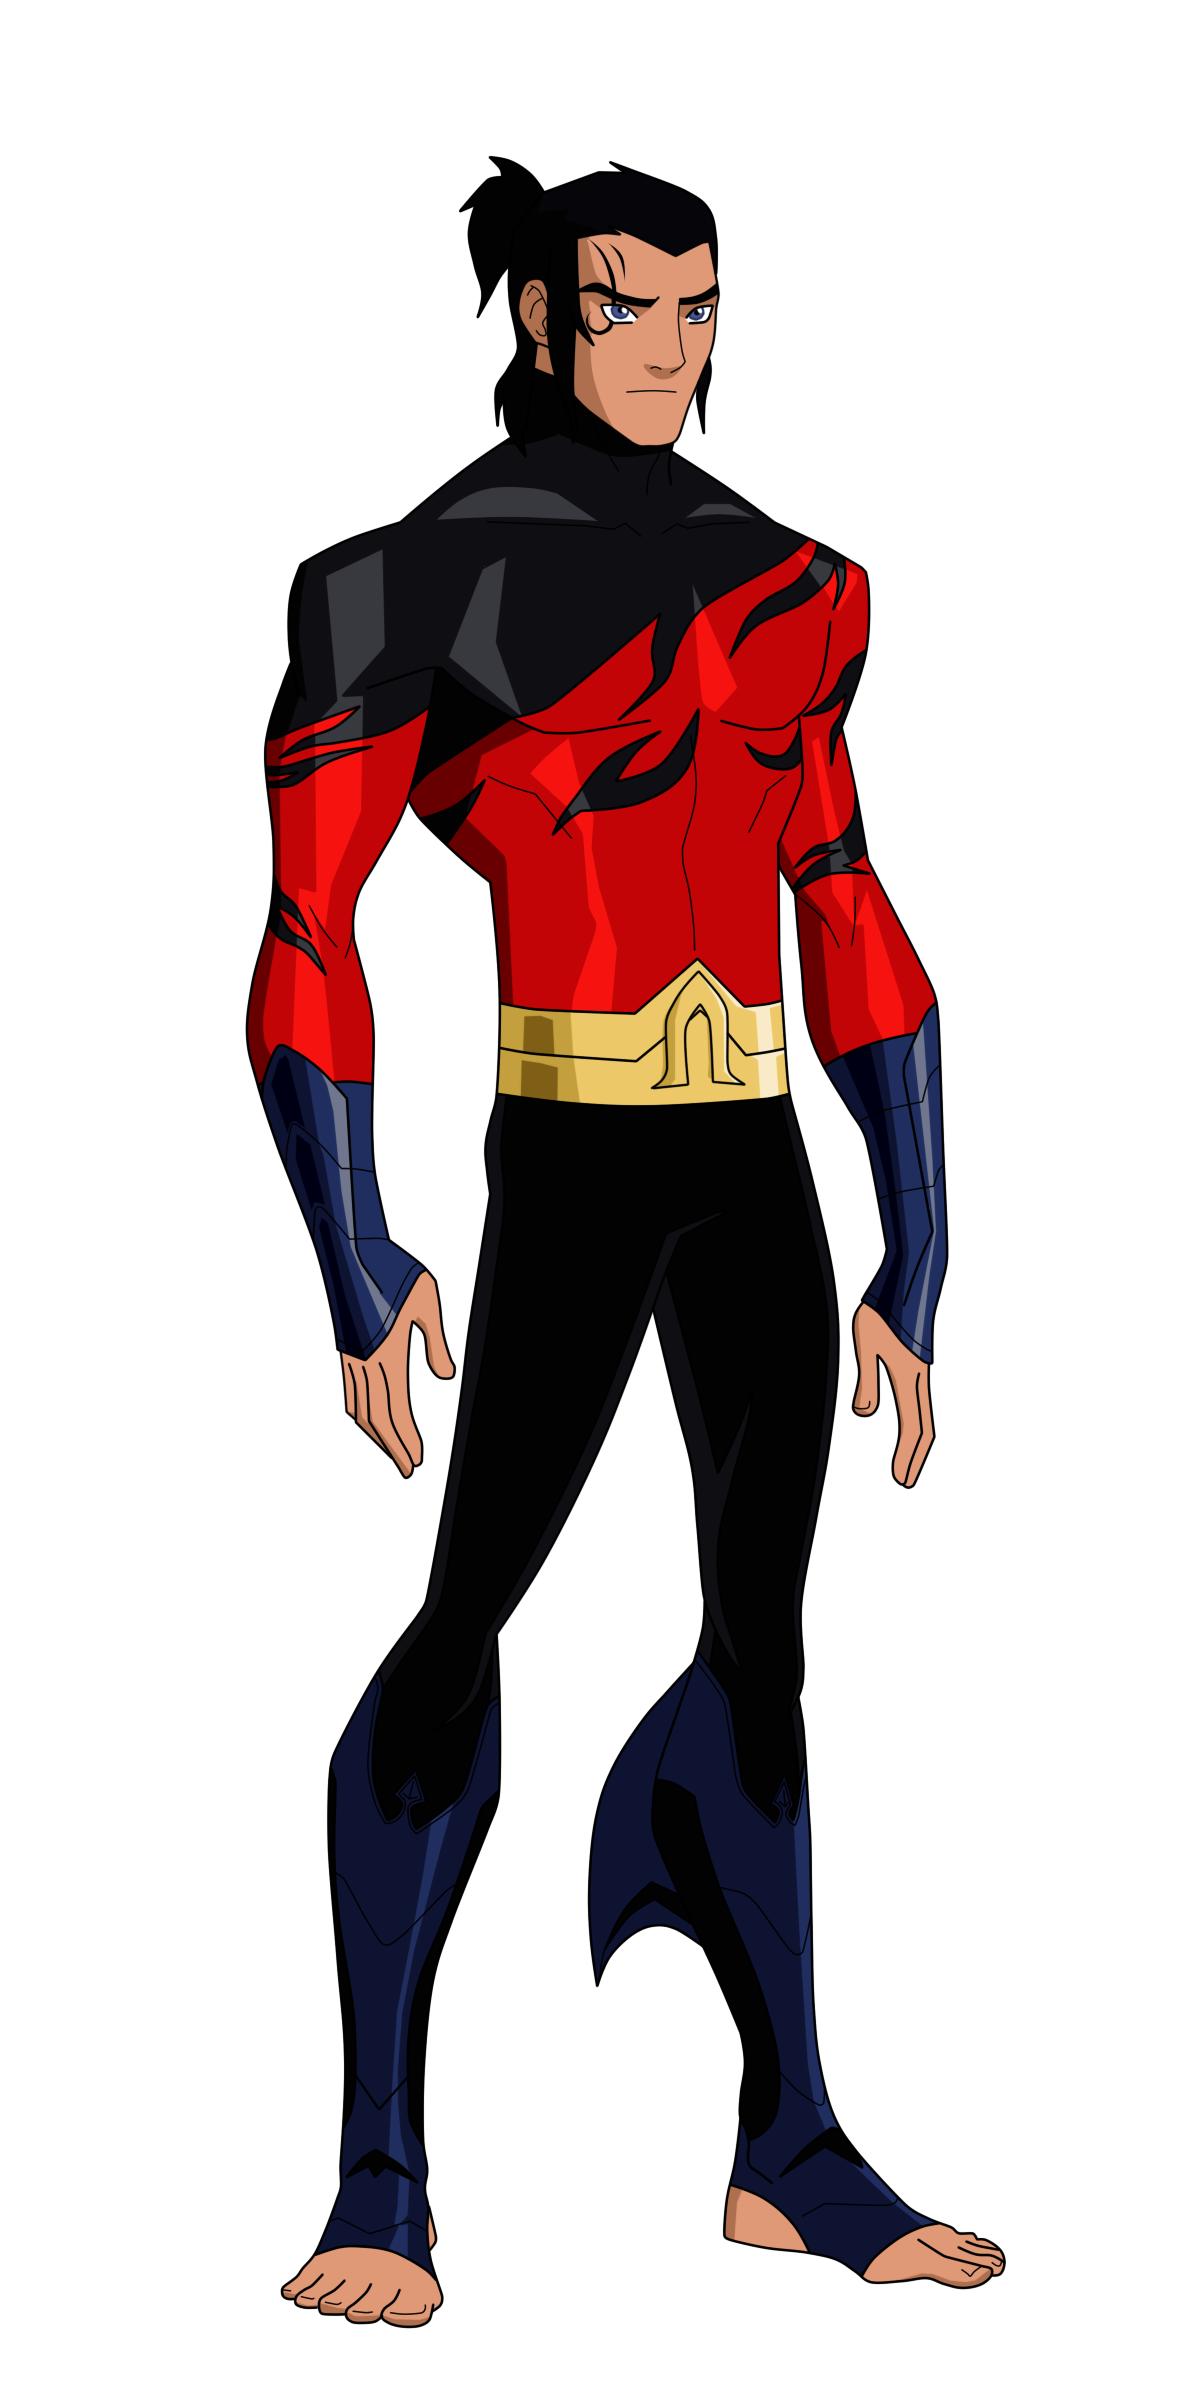 Tempest Titans Design by BobbenKatzen